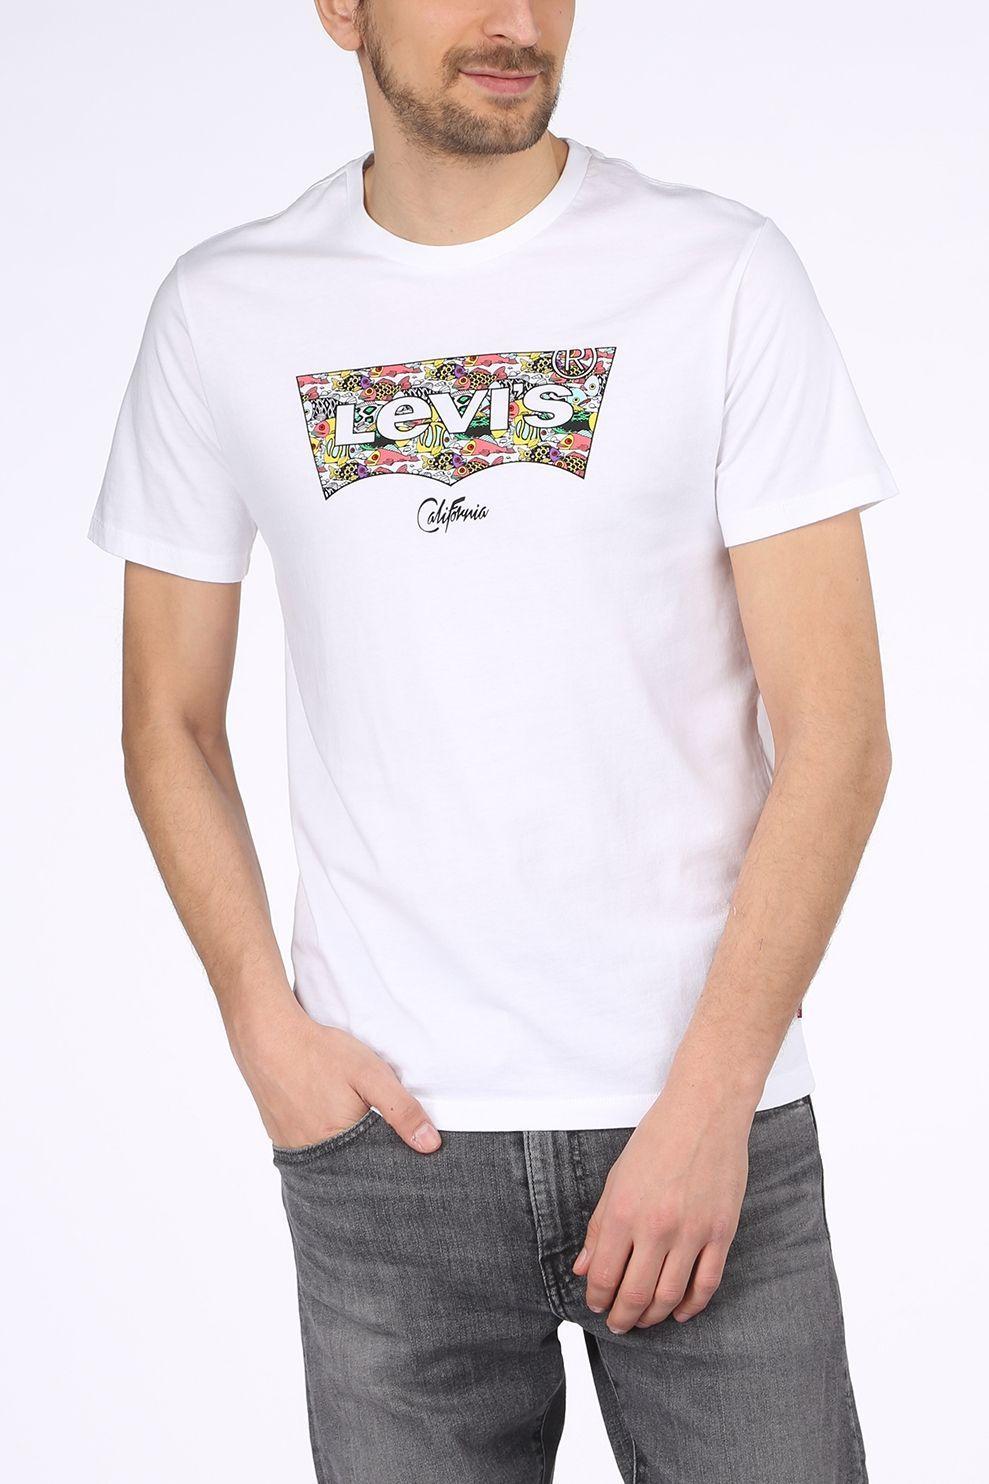 Levi's T-Shirt Housemark Graphic voor heren - Wit - Maten: XS, S, M, L, XL, XXL